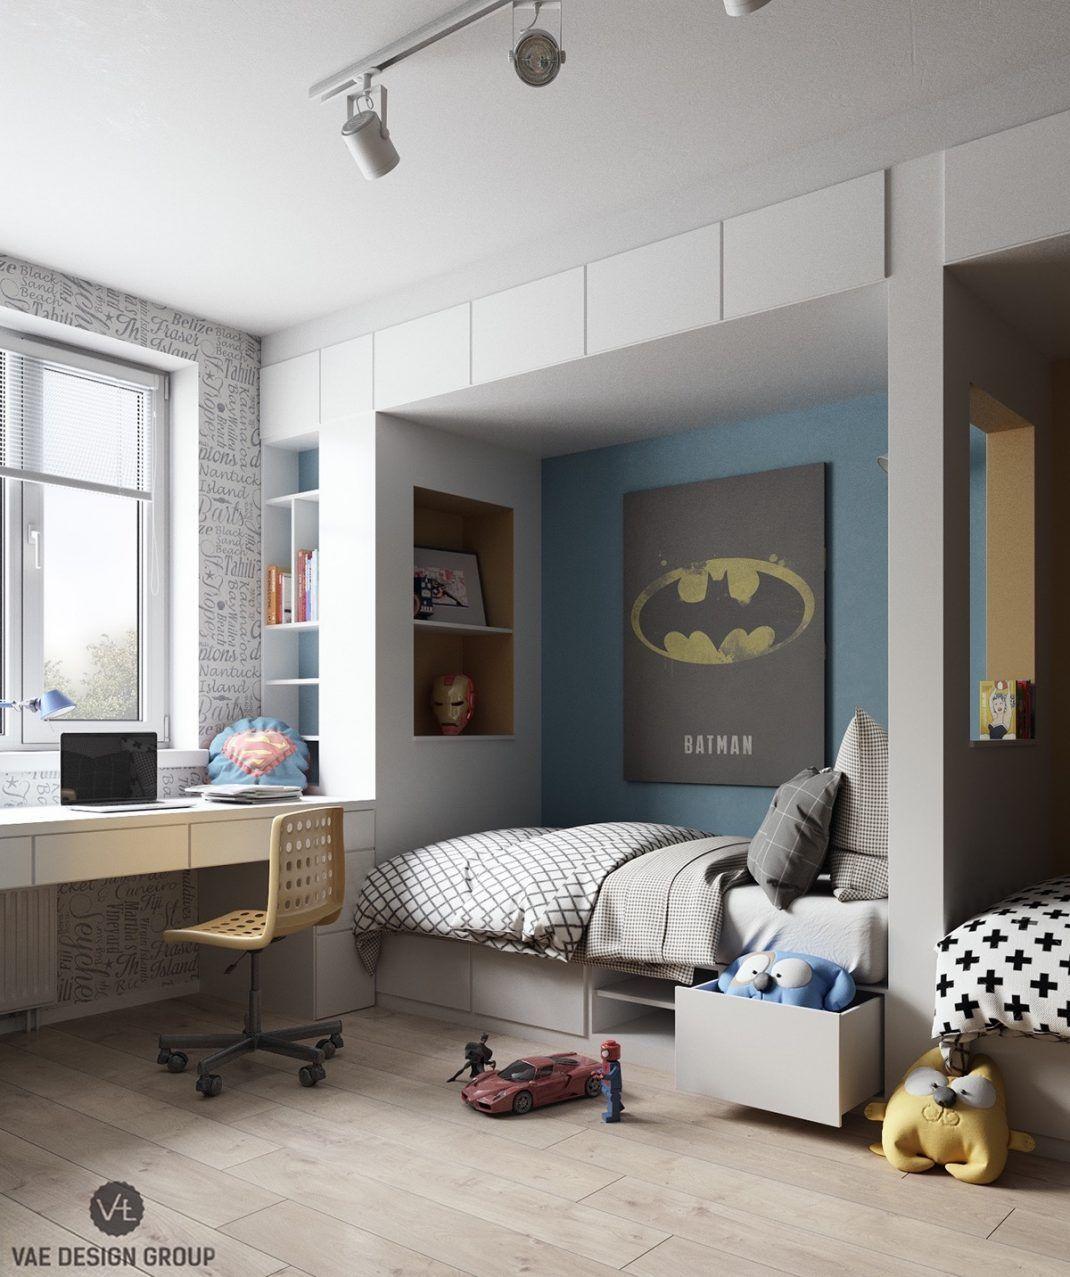 chambres d enfant a la decoration moderne et coloree